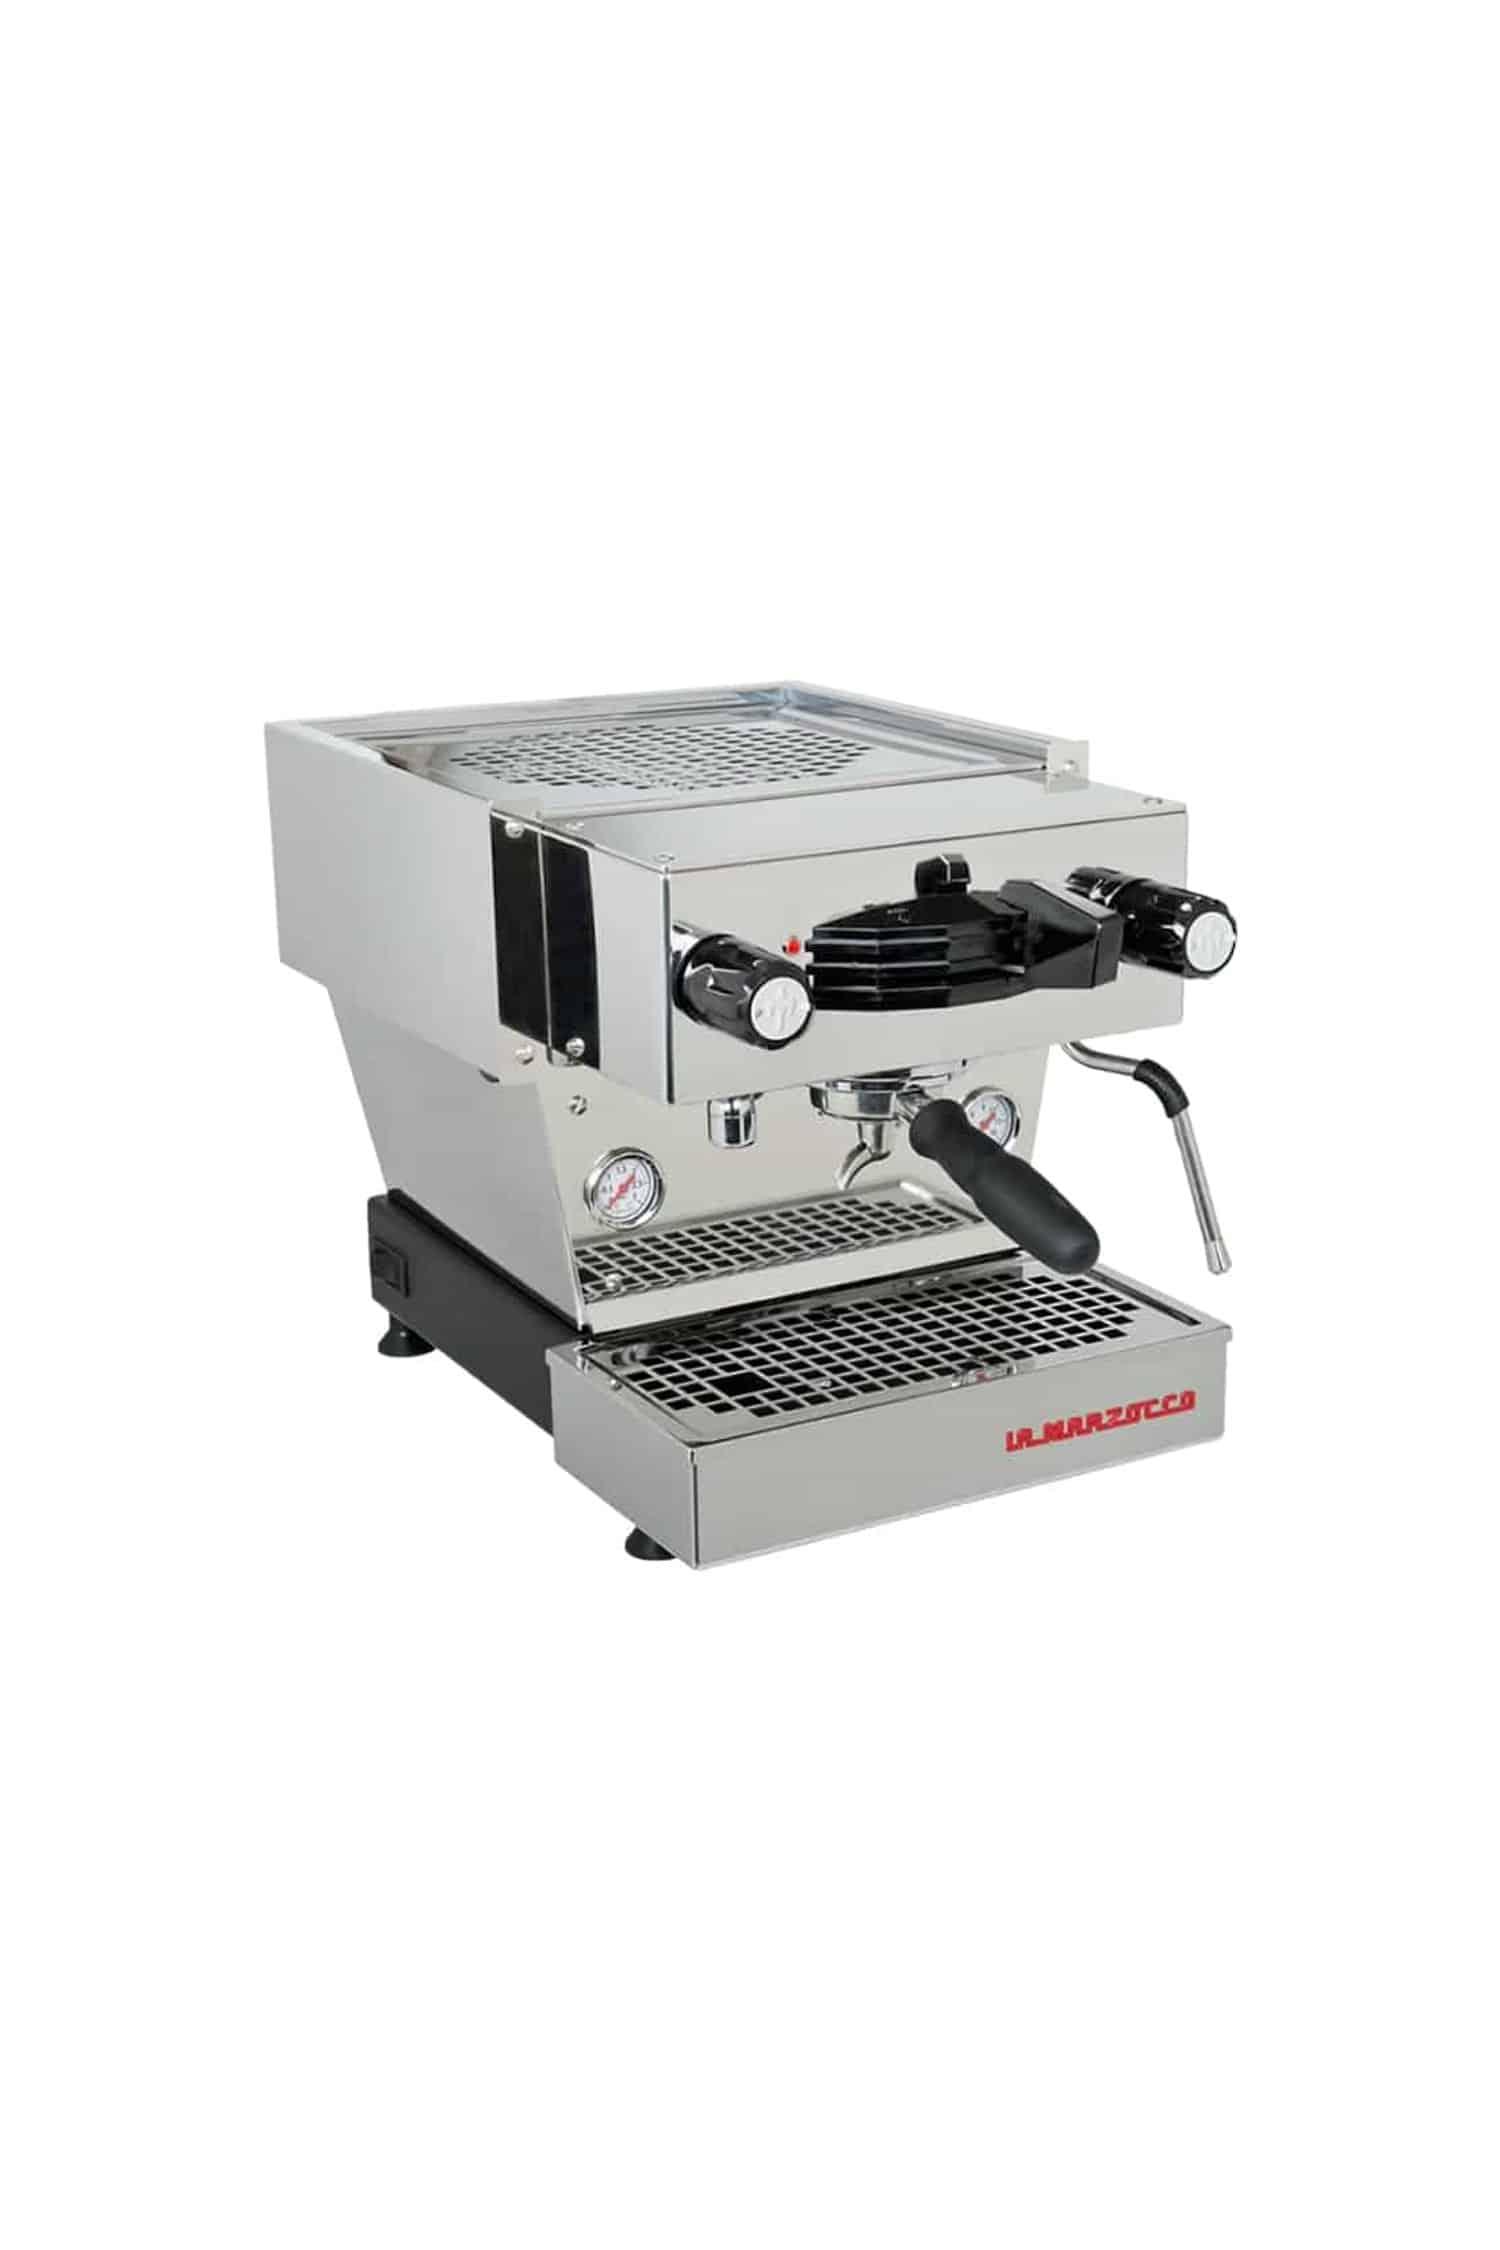 La Marzocca Linea Mini Espresso Machine